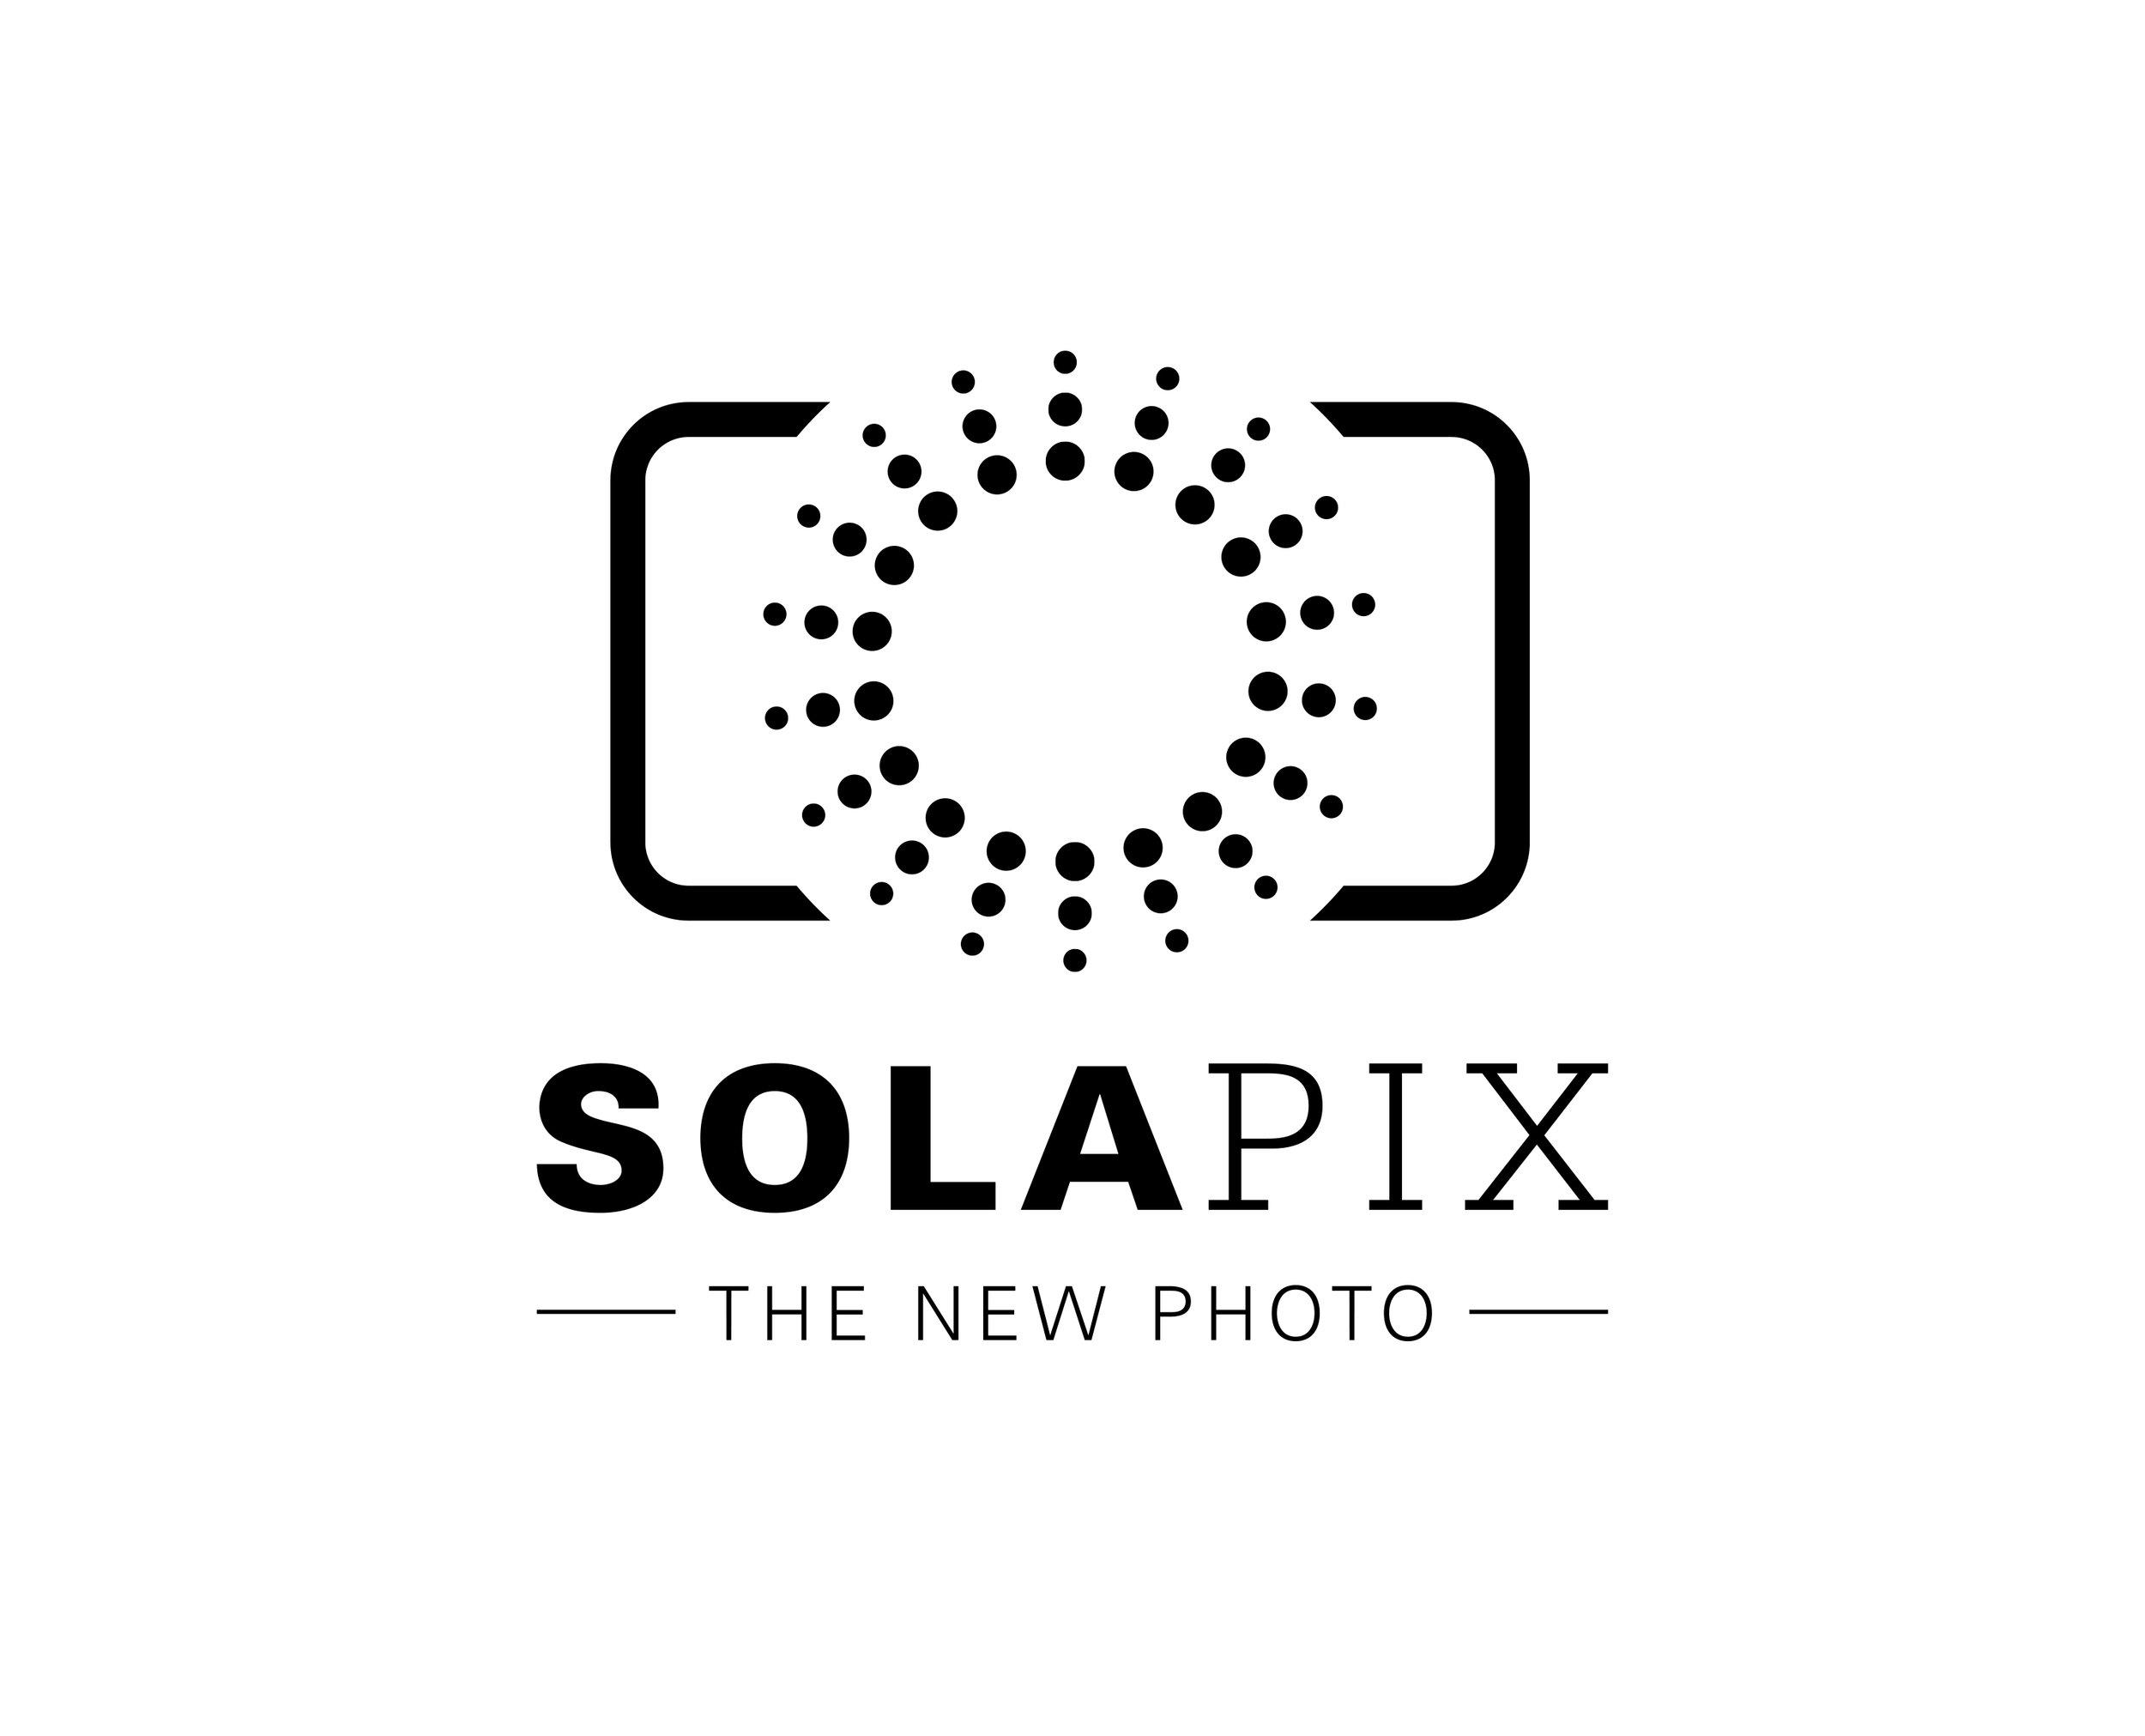 Solapix